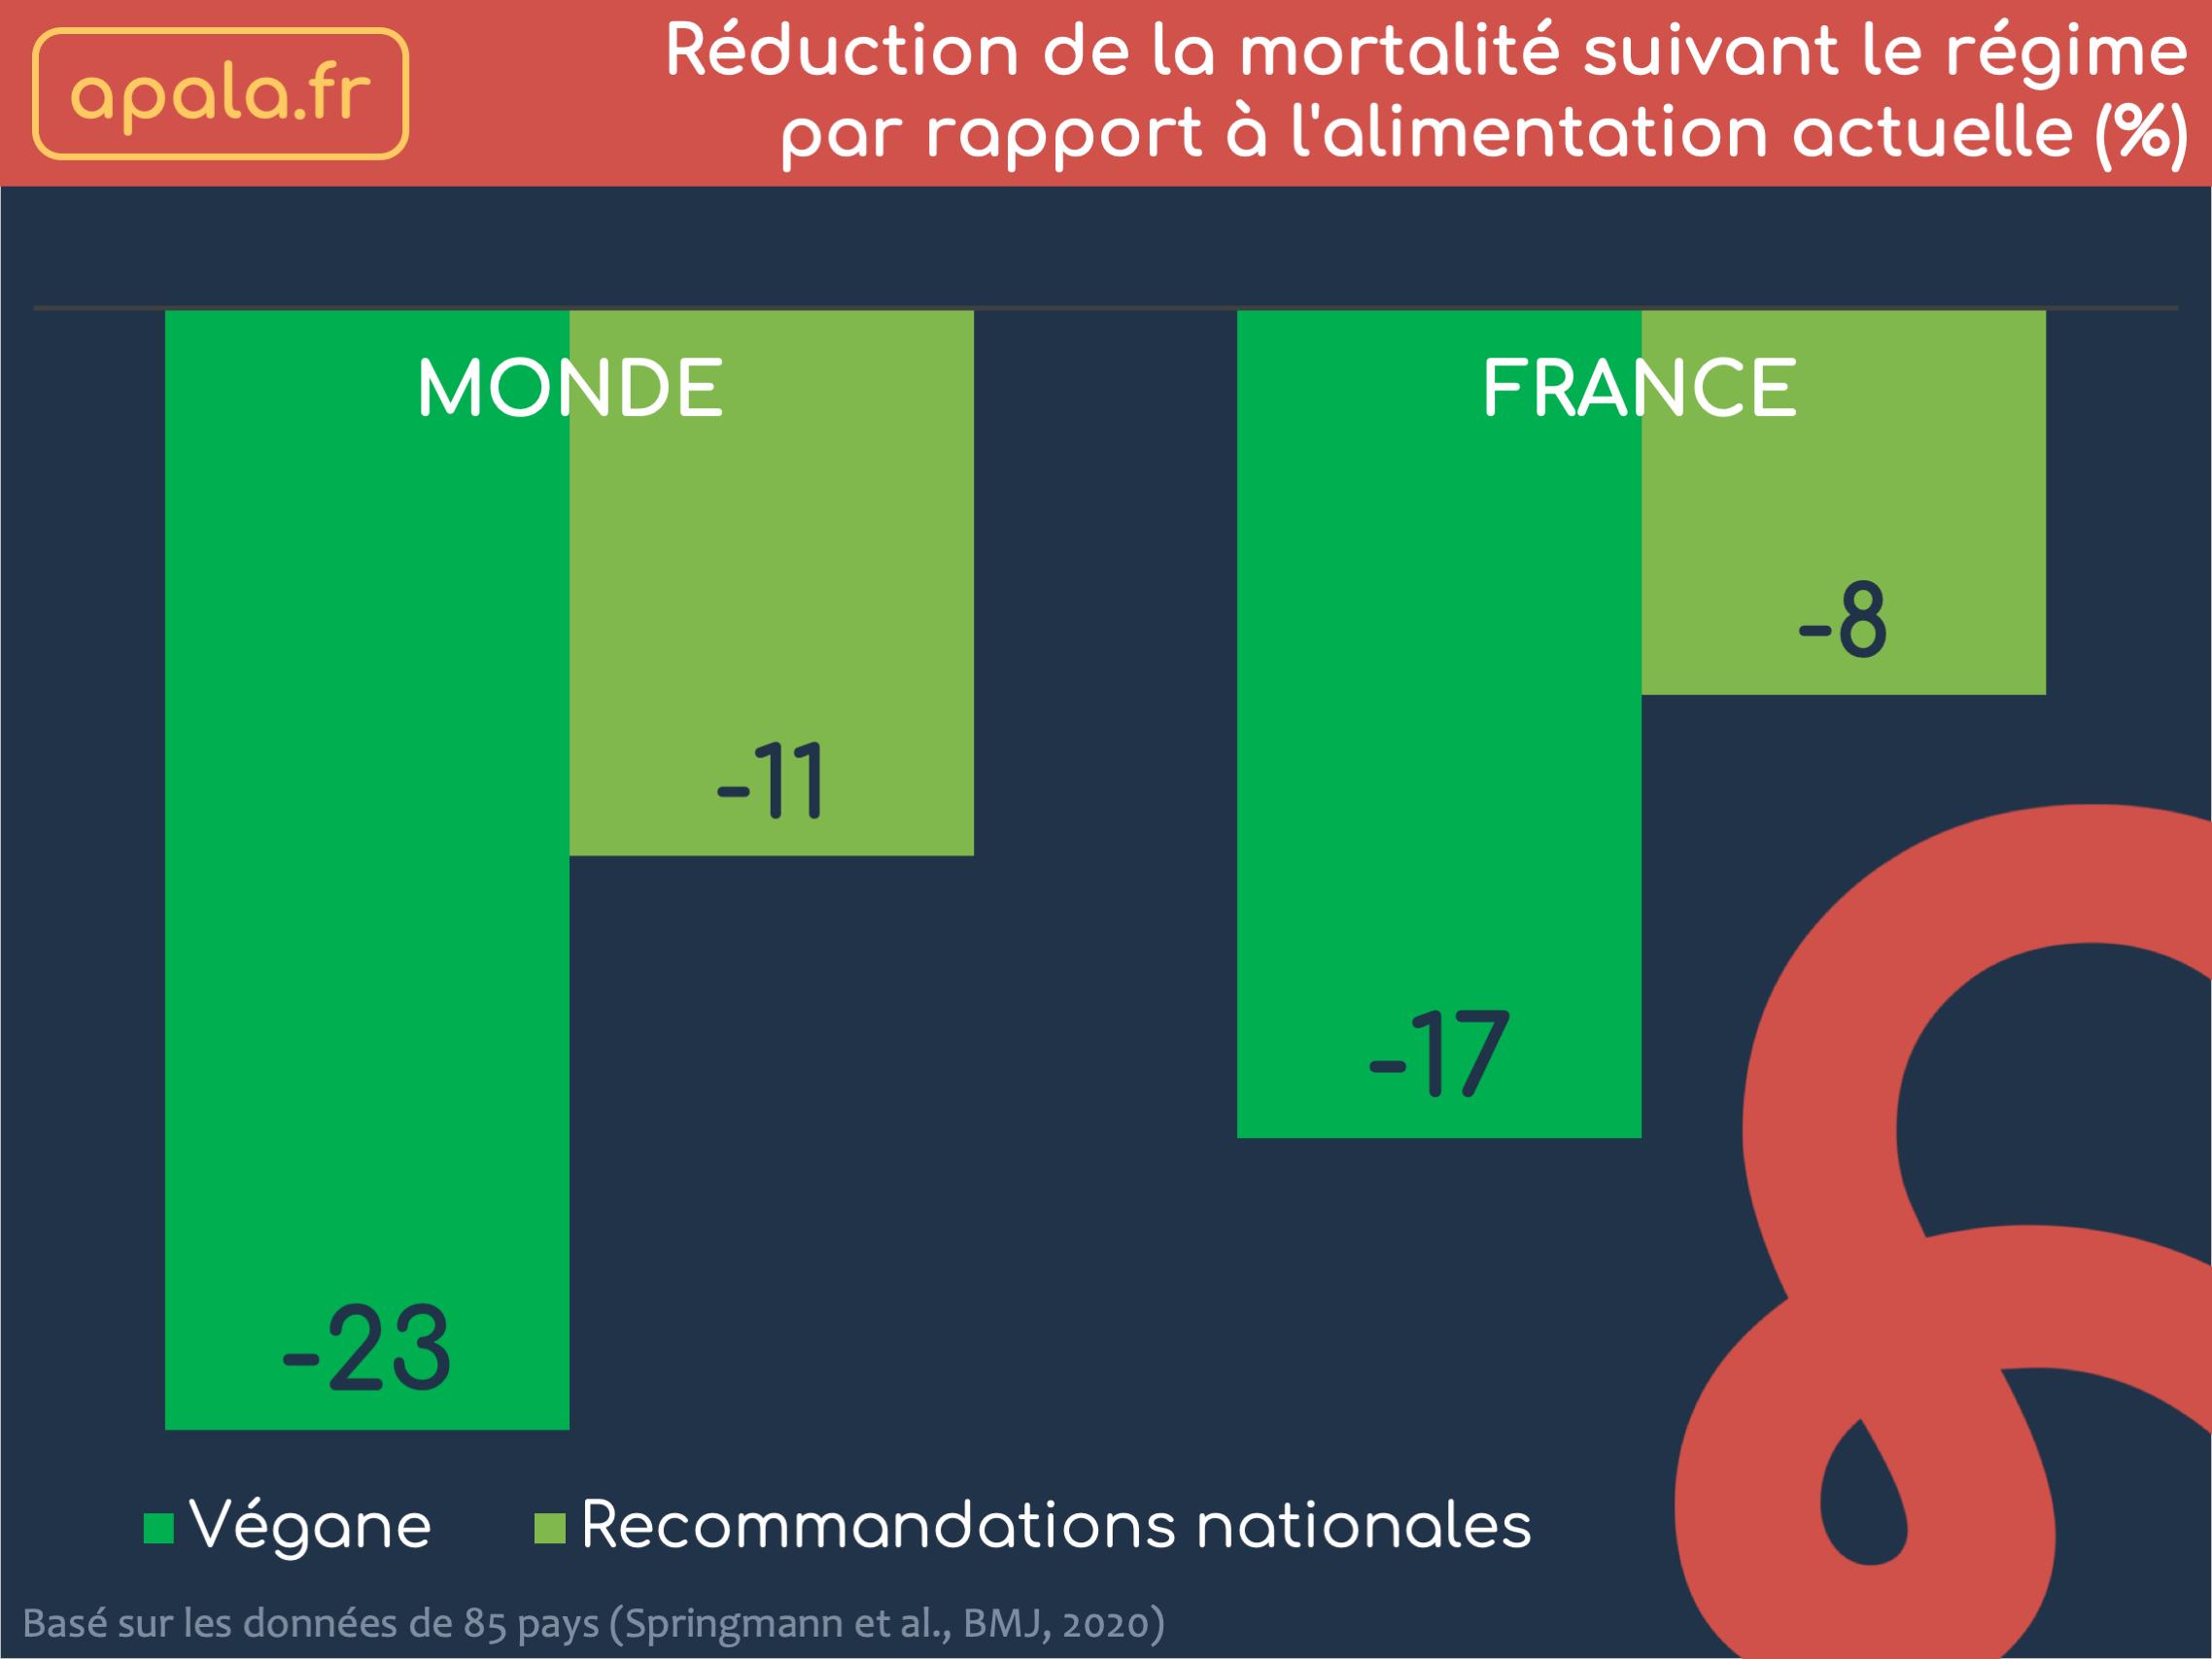 Réduction de la mortalité suivant le régime  par rapport à l'alimentation actuelle (%)